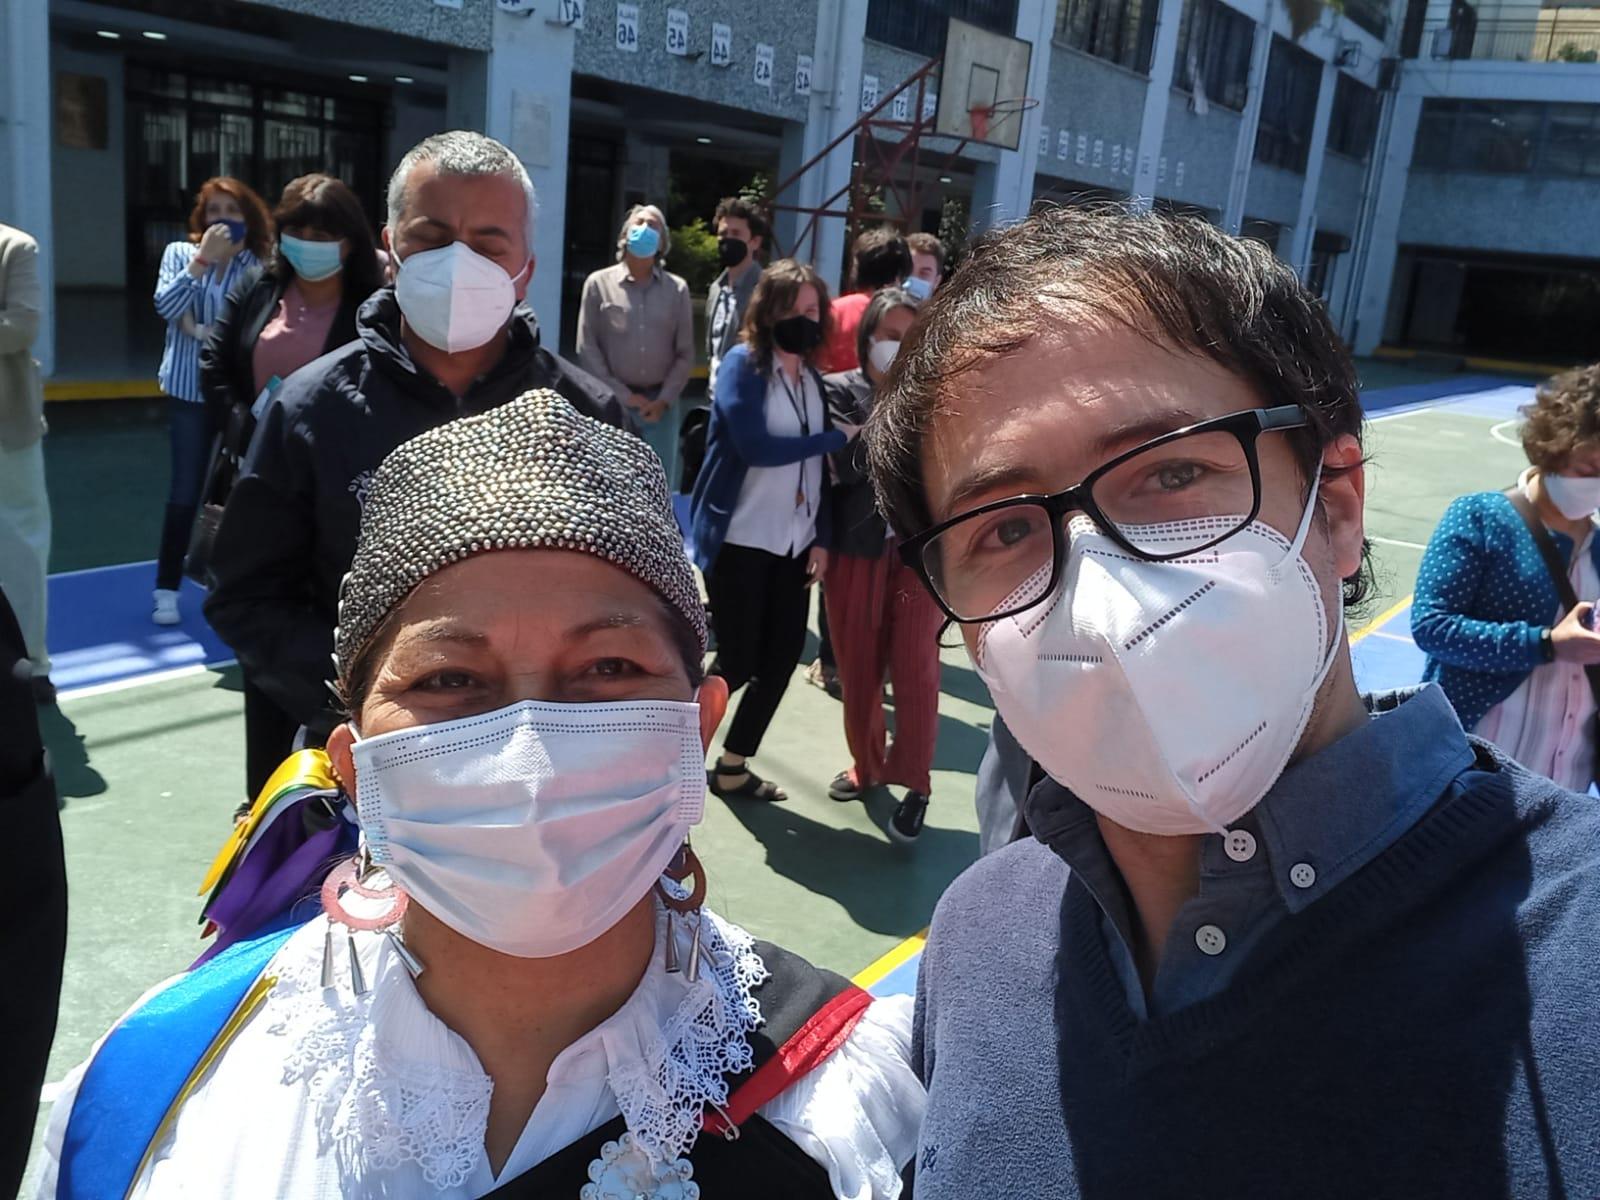 Juan Pablo Durbey, de ONG Canales, posa junto a la presidenta de la Convención Constitucional, Elisa Loncón